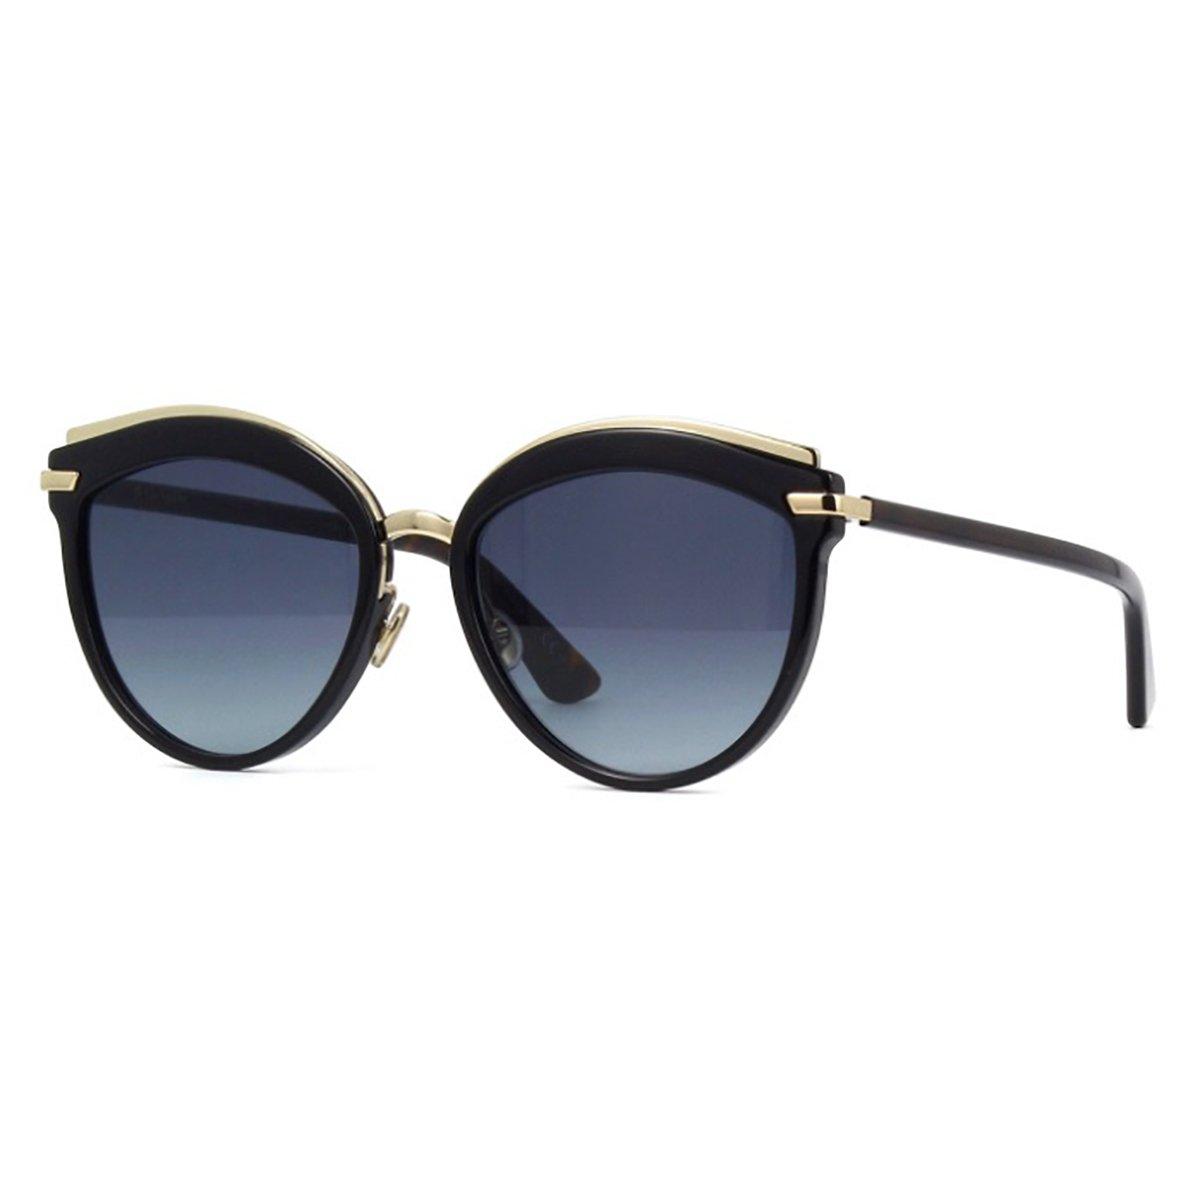 51315cc168a40 Compre Óculos de Sol Dior Offset 2 em 10X